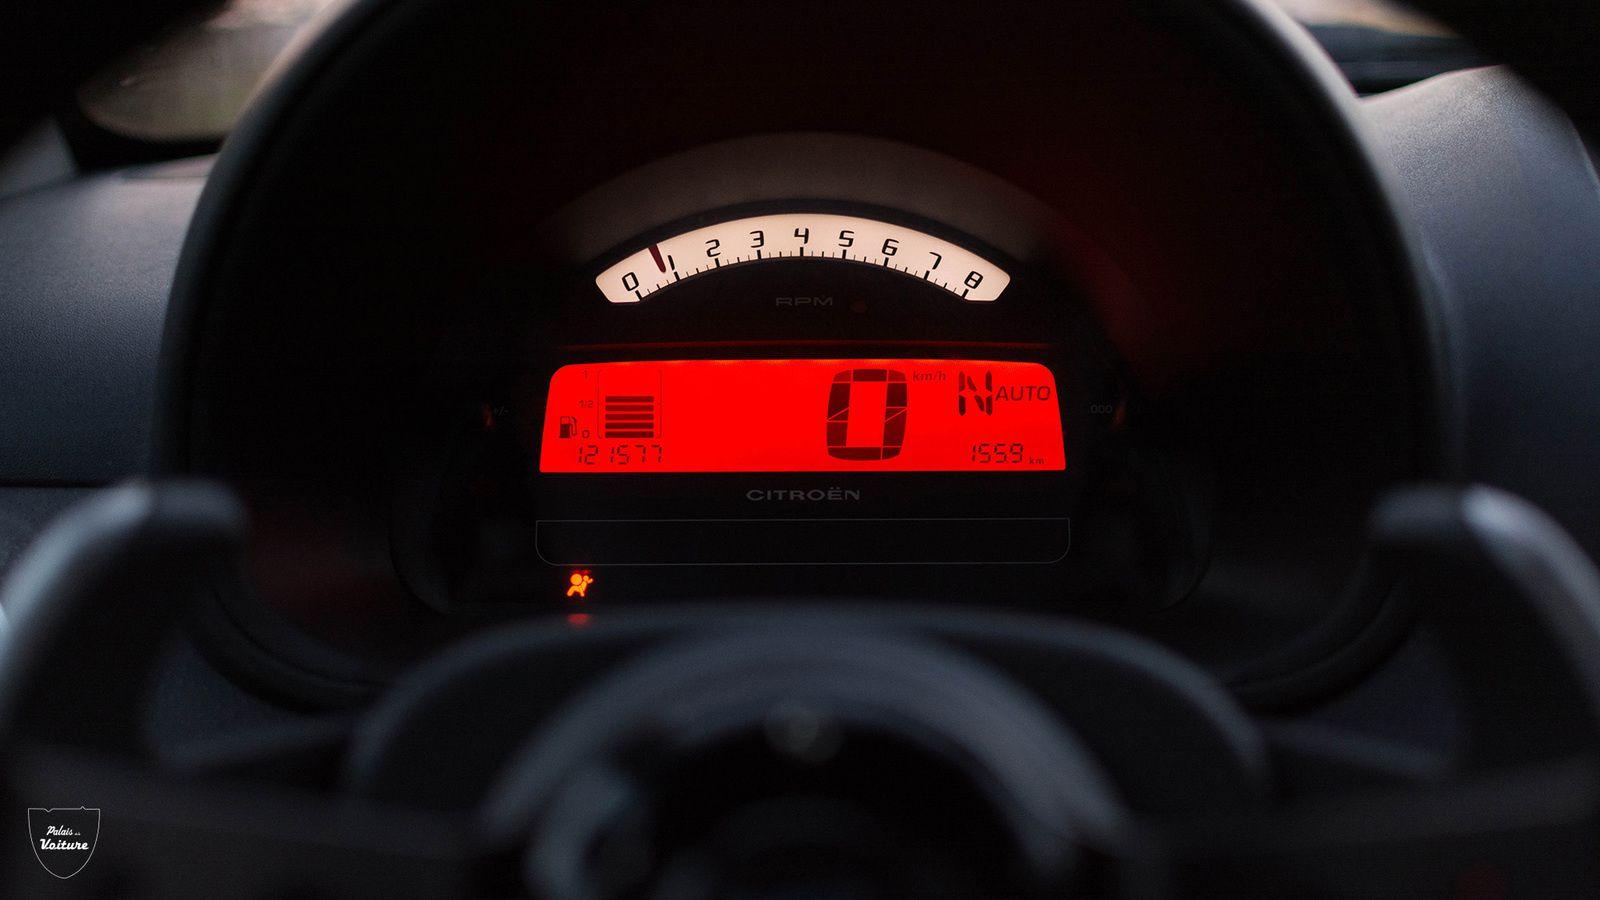 Fait amusant : une LED s'allume en orange pour vous indiquer qu'il faut bientôt passer le rapport supérieur et s'éclaire en rouge juste avant le rupteur